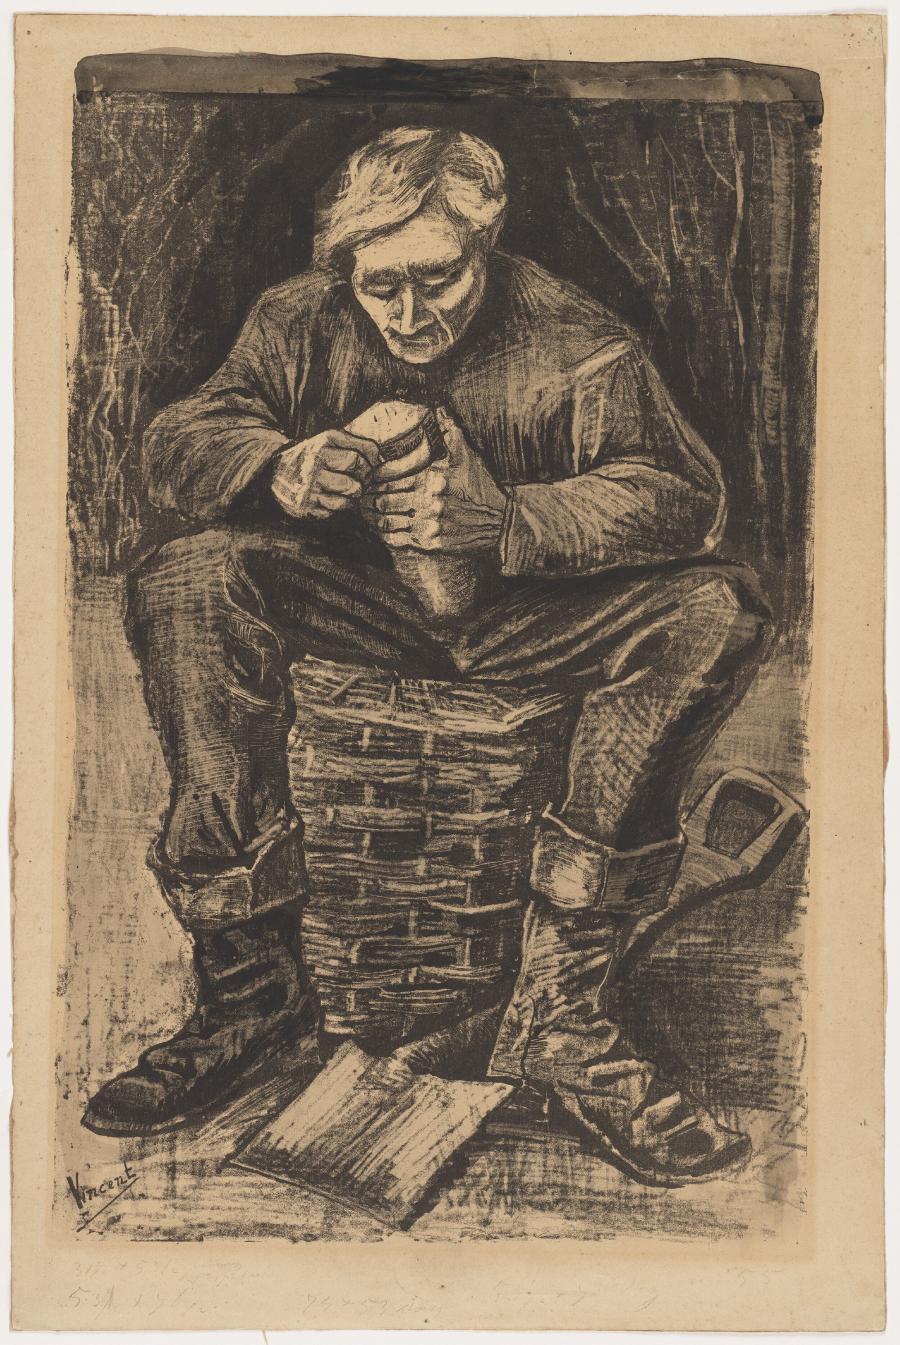 A workman's meal-break